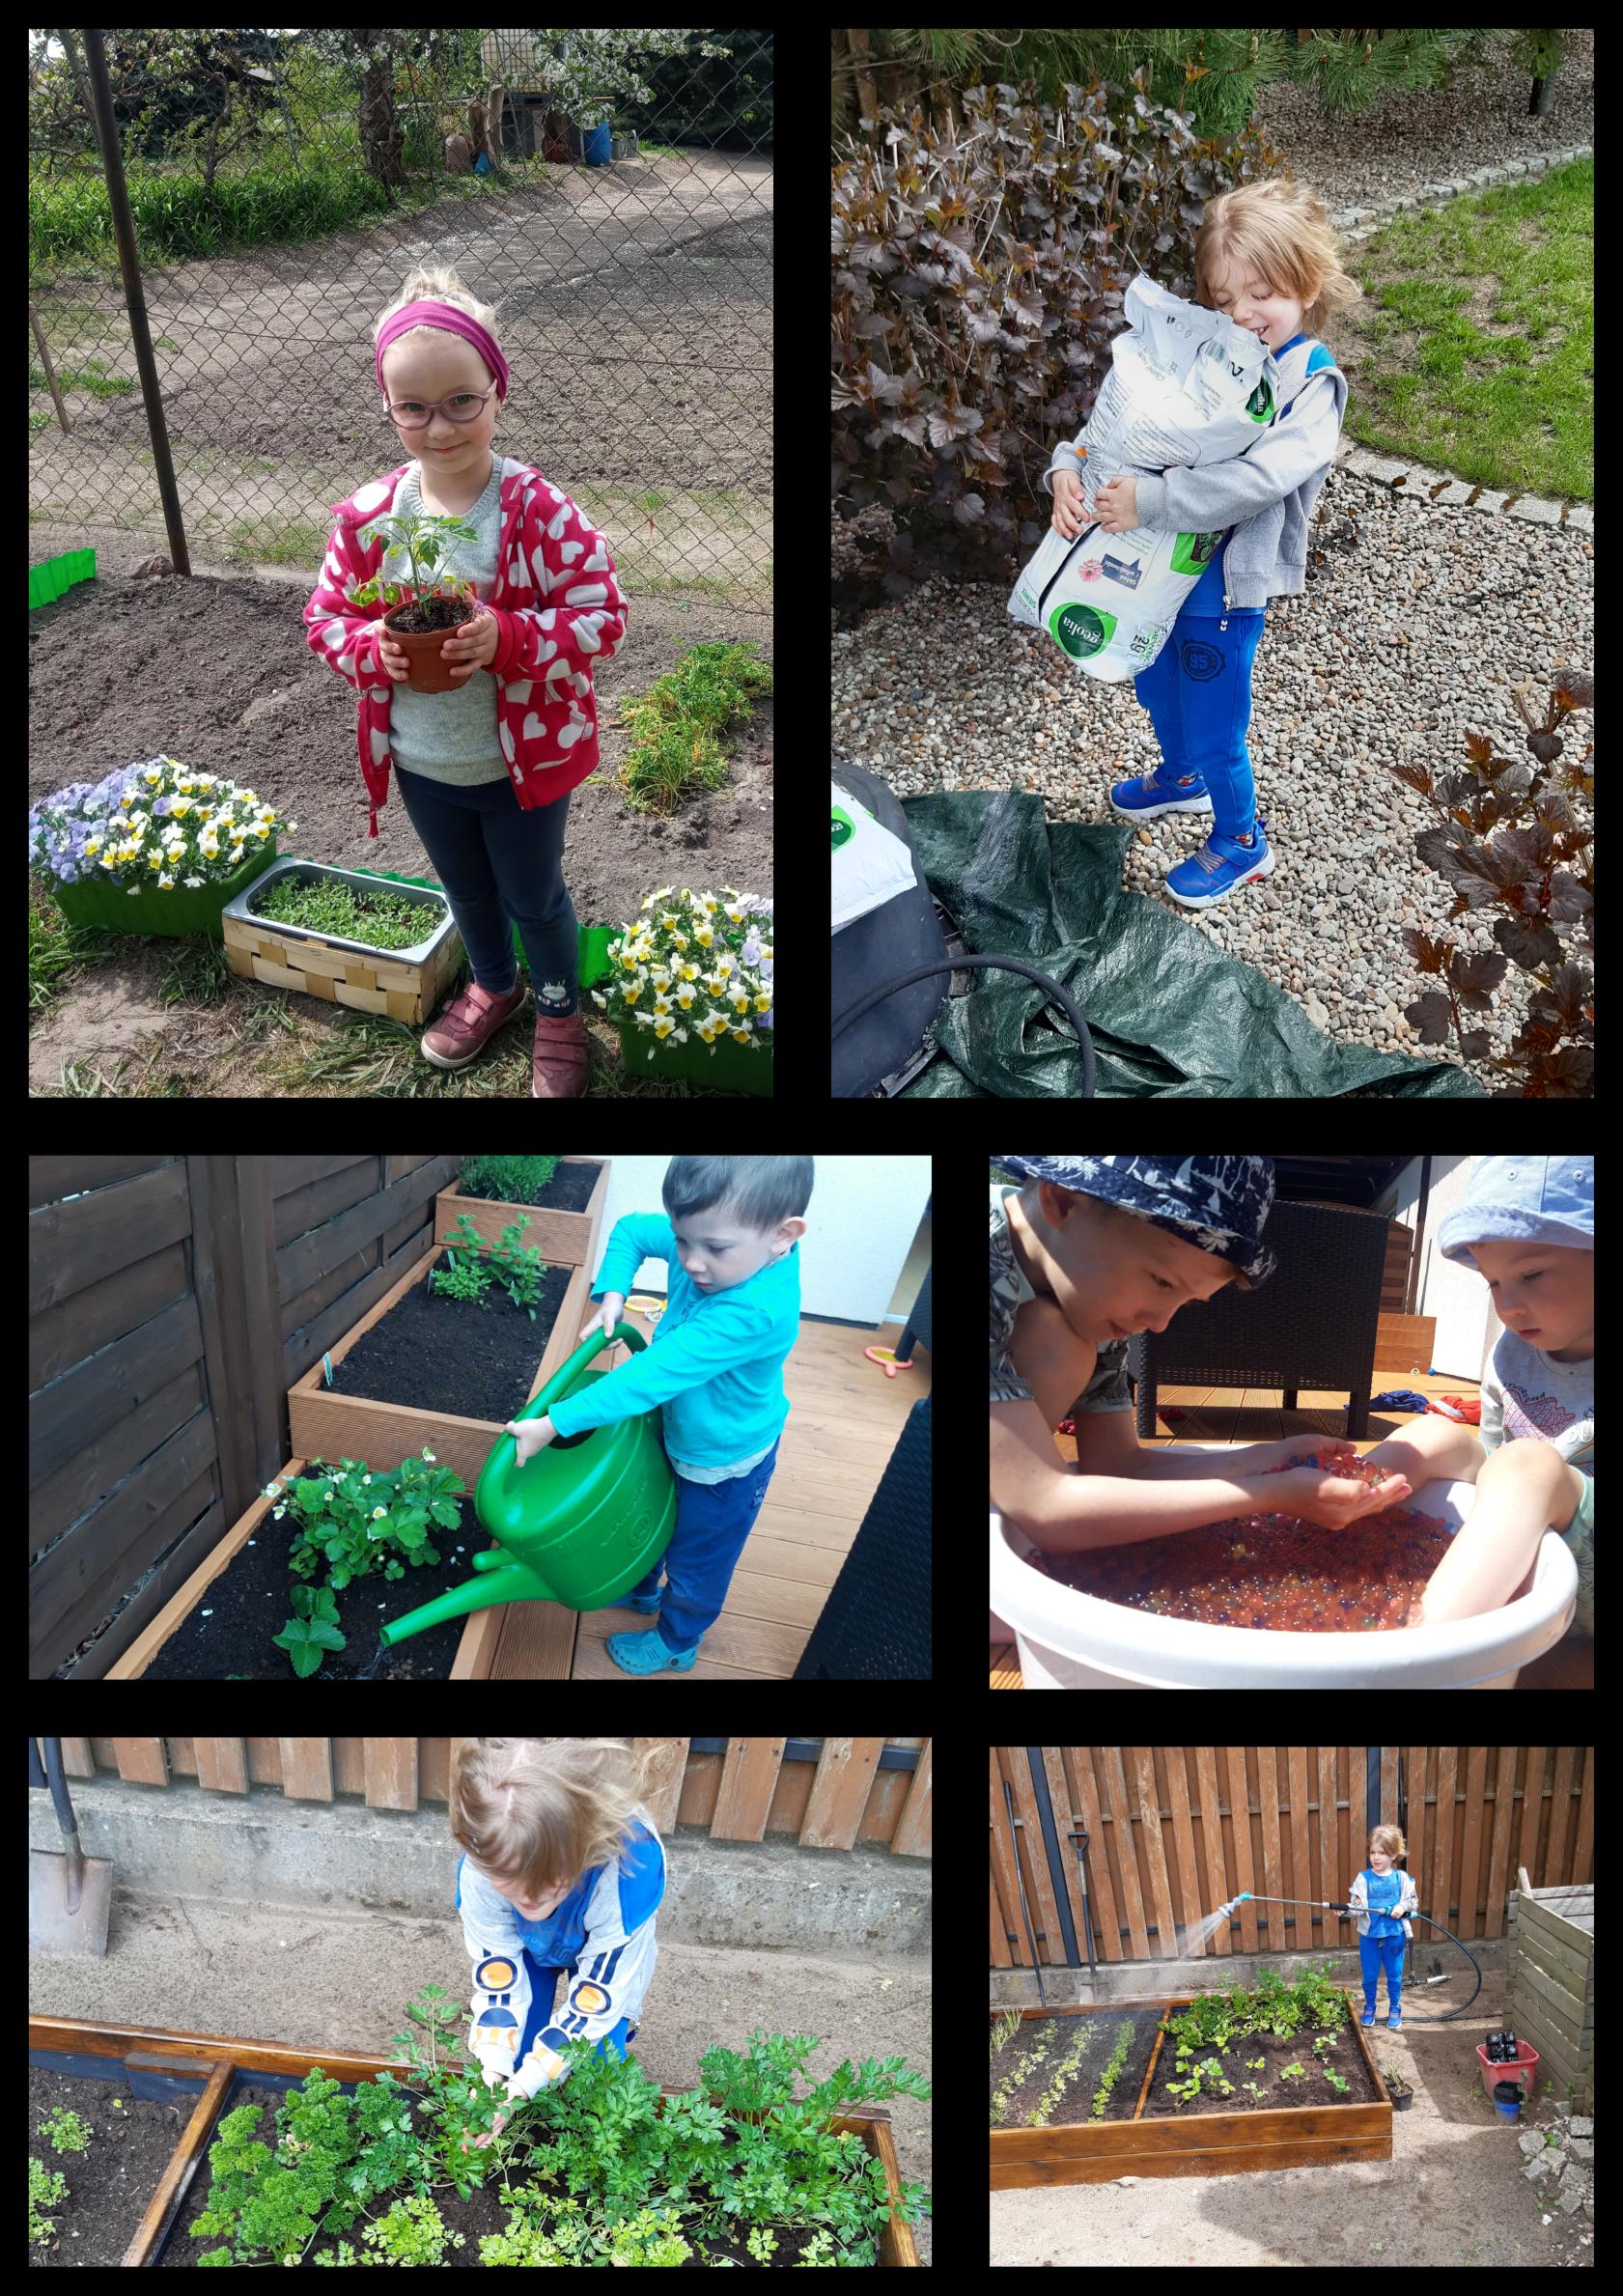 Na kolażu 6 zdjęć dziewczynki i chłopca w ogrodzie. Trzymają w rękach sadzonki, ziemię, sadzą i podlewają rośliny.